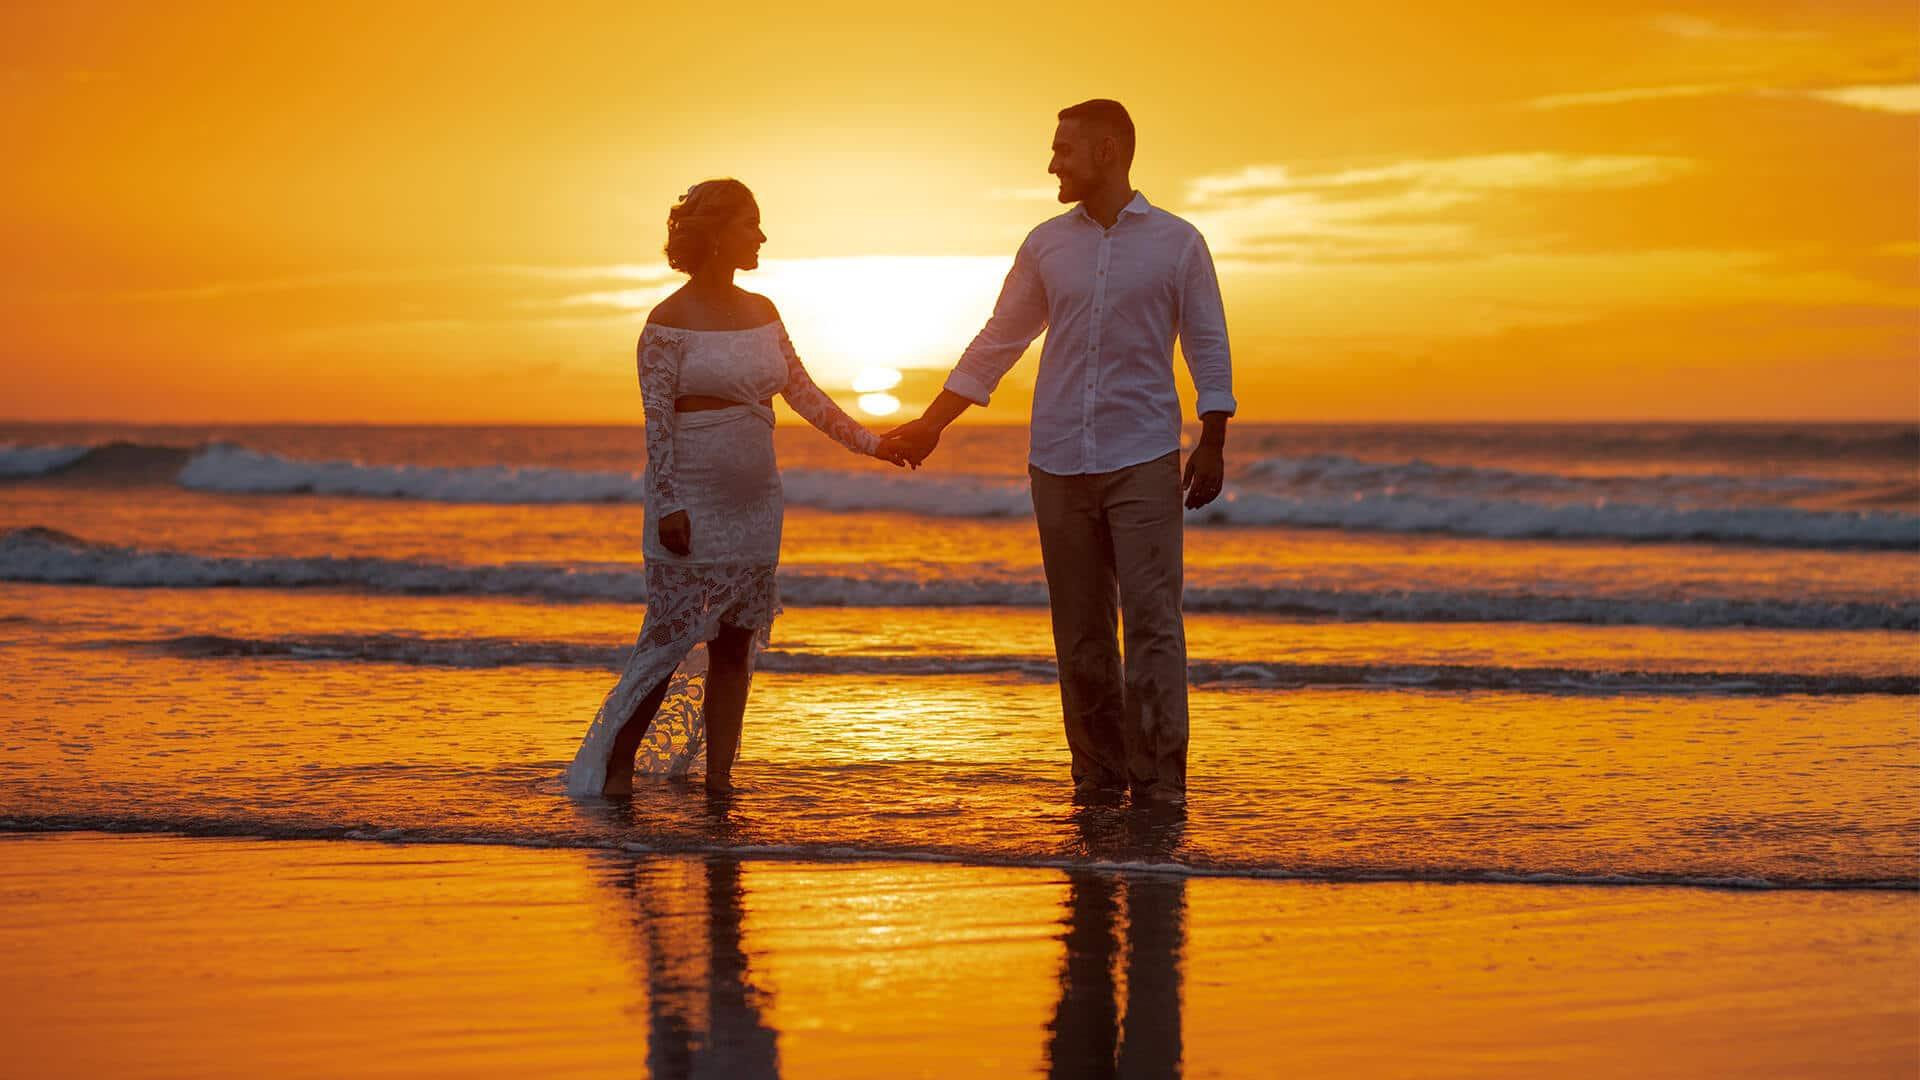 Casamento em Jericoacoara com noivos na praia, no pôr do sol